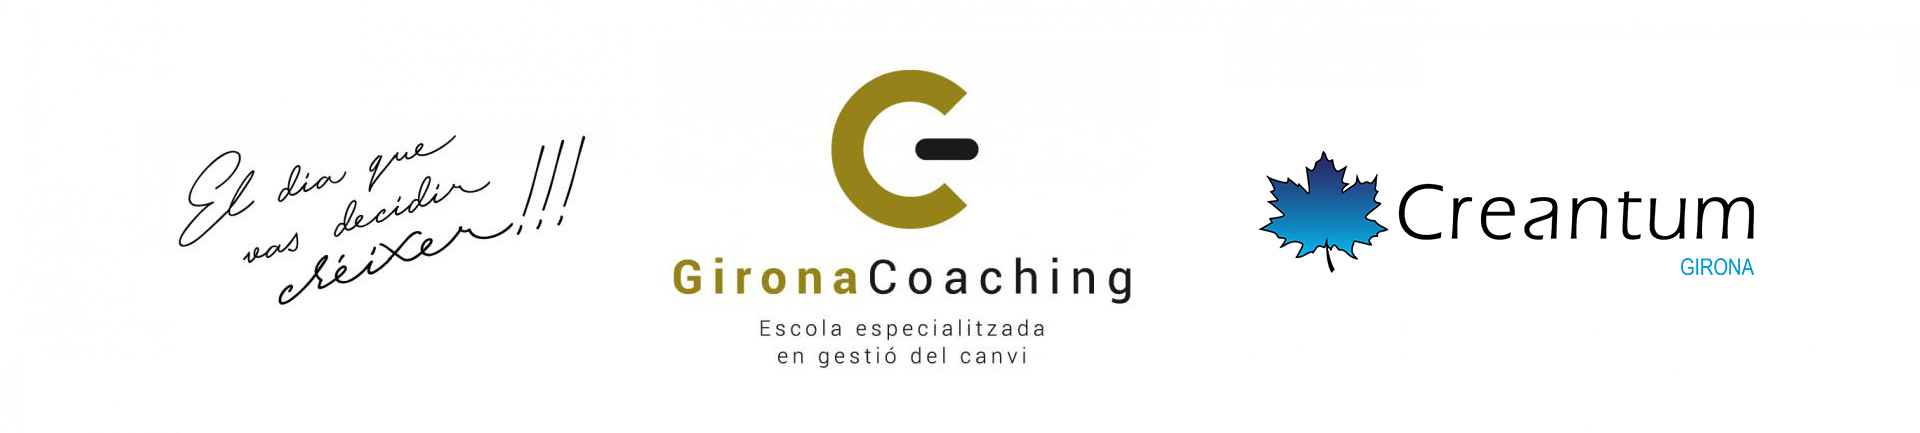 capcalera-girona-coaching-creantum